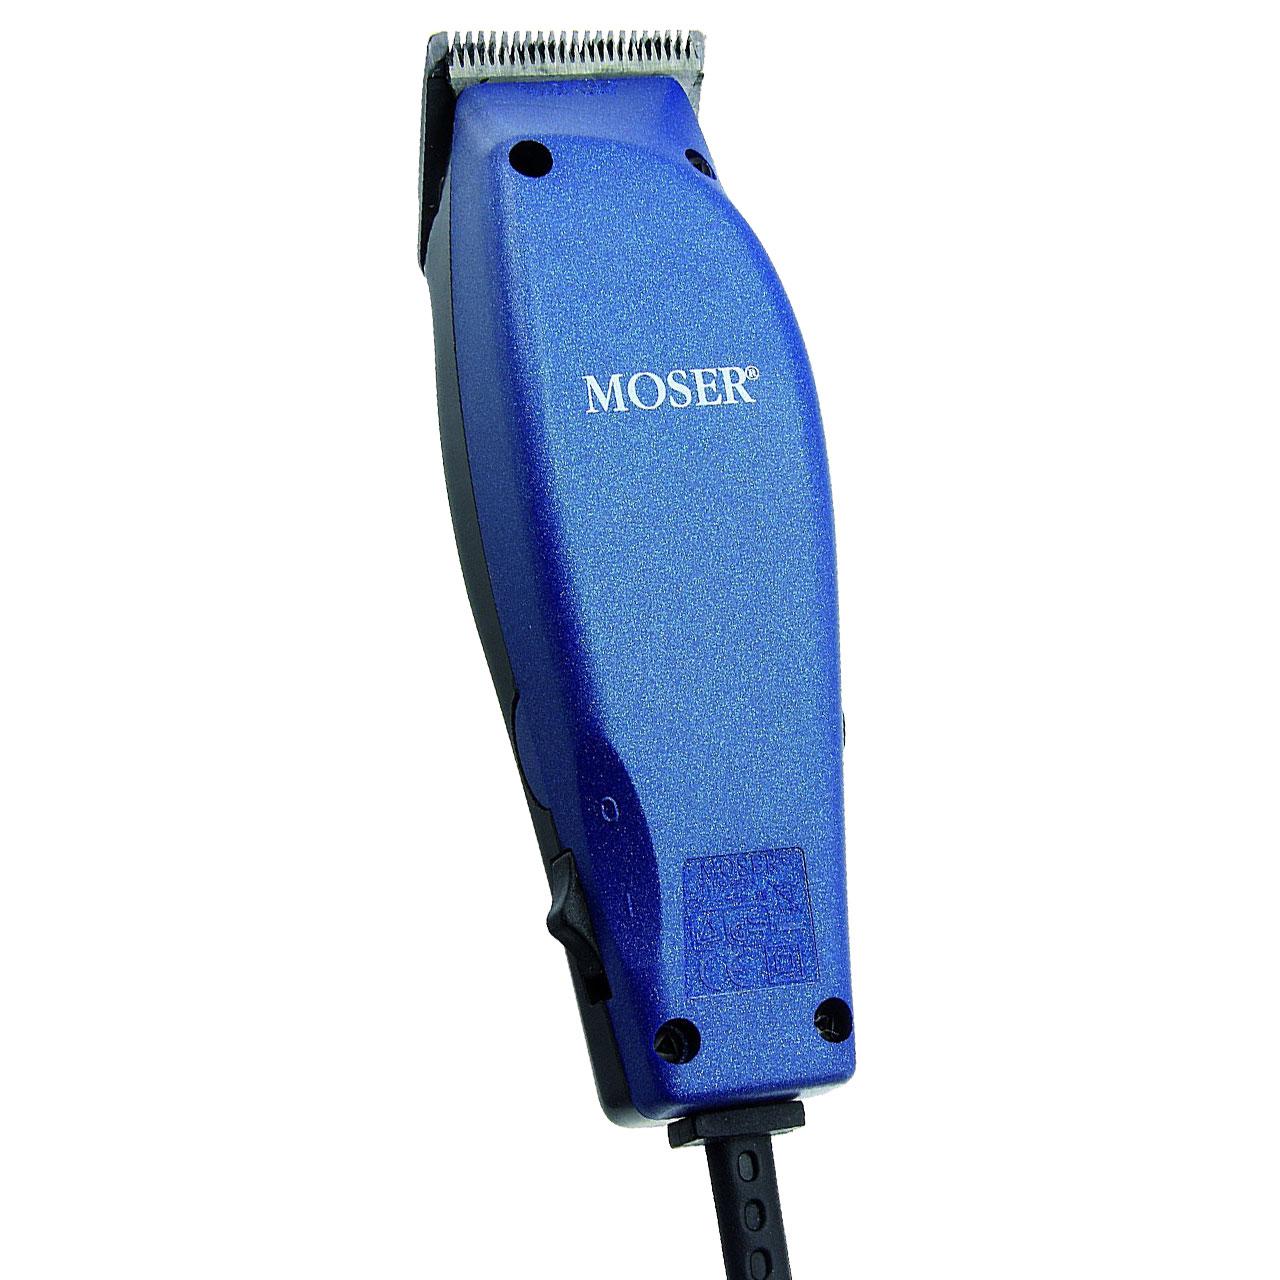 ماشین اصلاح موی سر و صورت موزر مدل 0050-1390